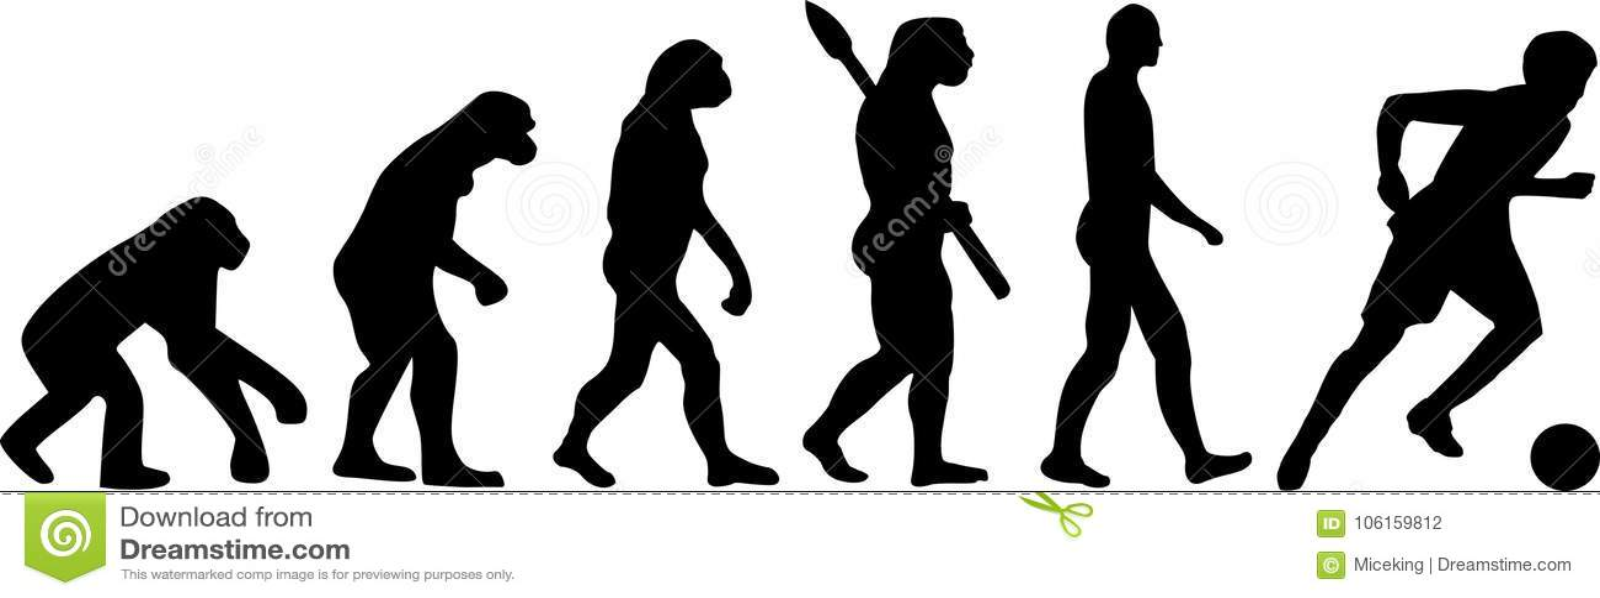 Evolução Do Futebol Do Futebol Ilustração do Vetor - Ilustração de ... 3296576b71f65